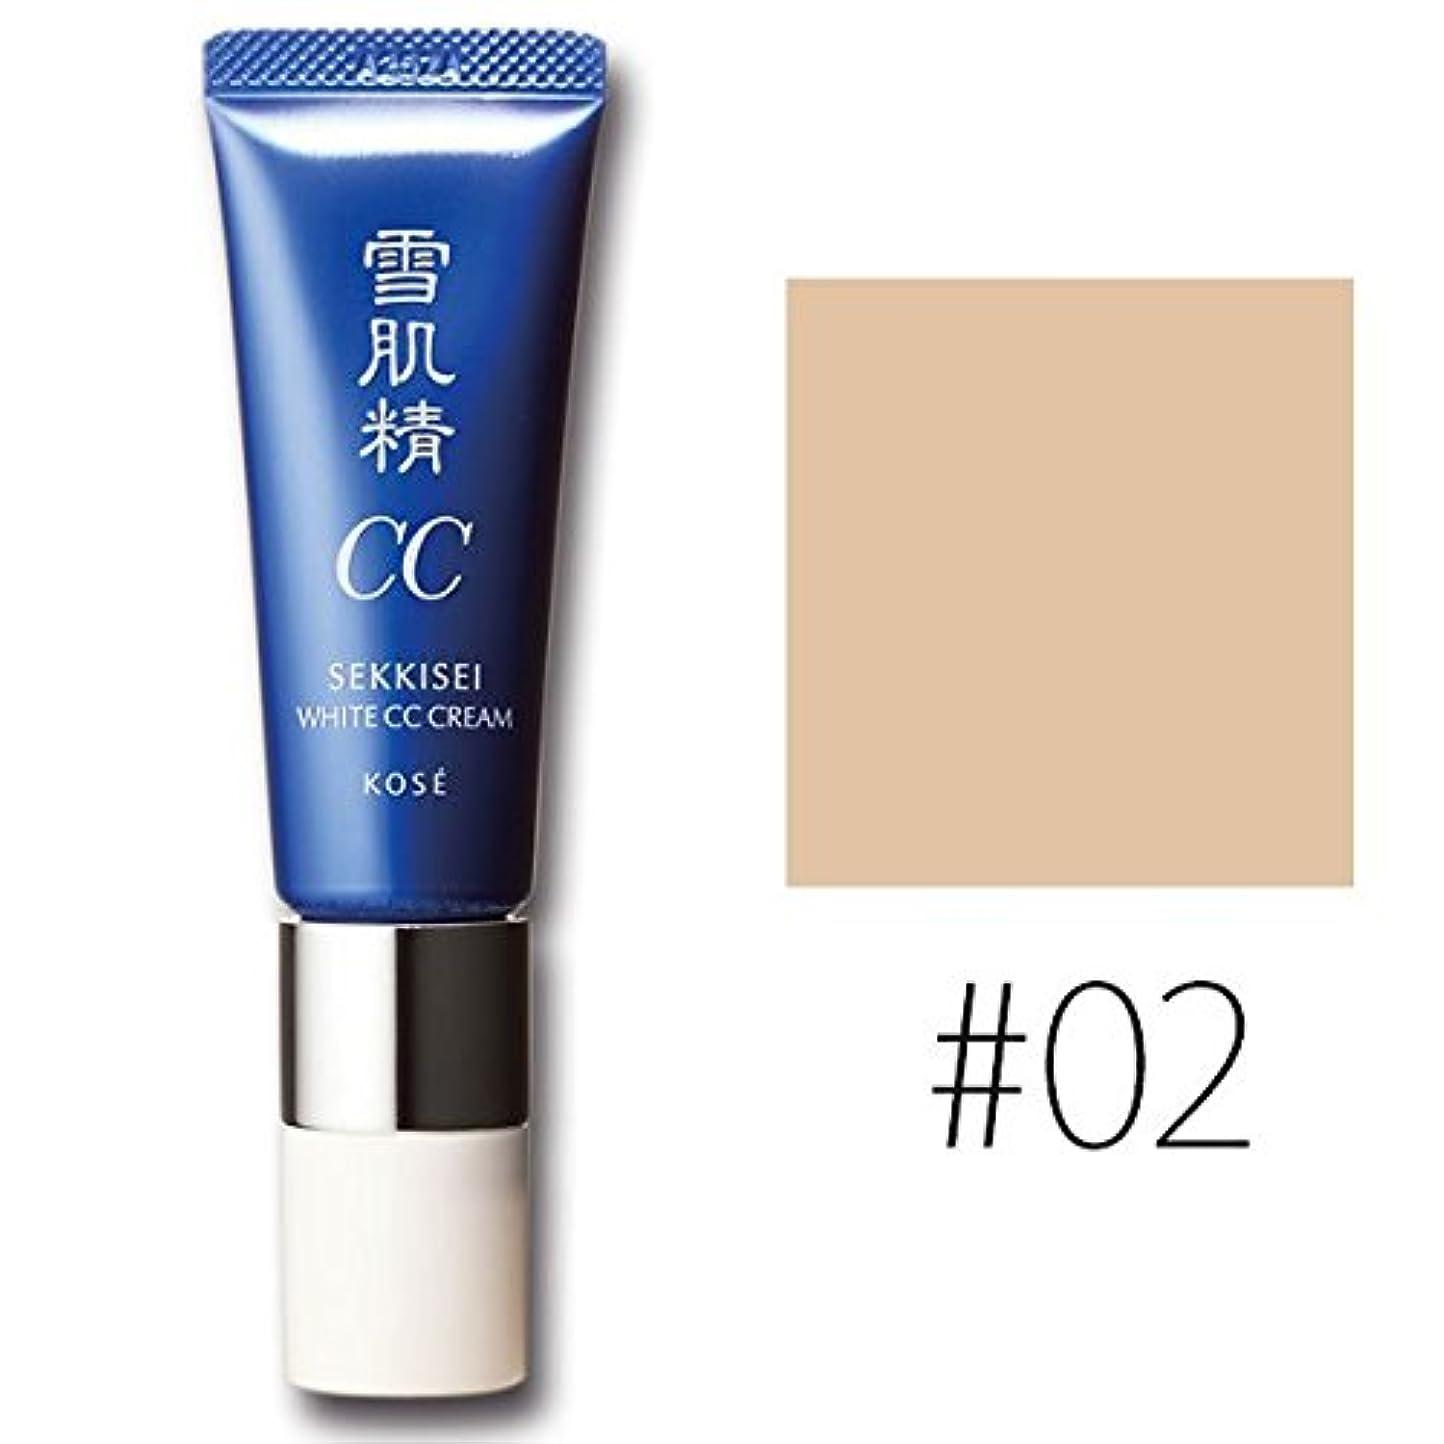 協定研究所夏コーセー 雪肌精 ホワイト CCクリーム【#02】 #OCHRE SPF50+/PA++++ 30g